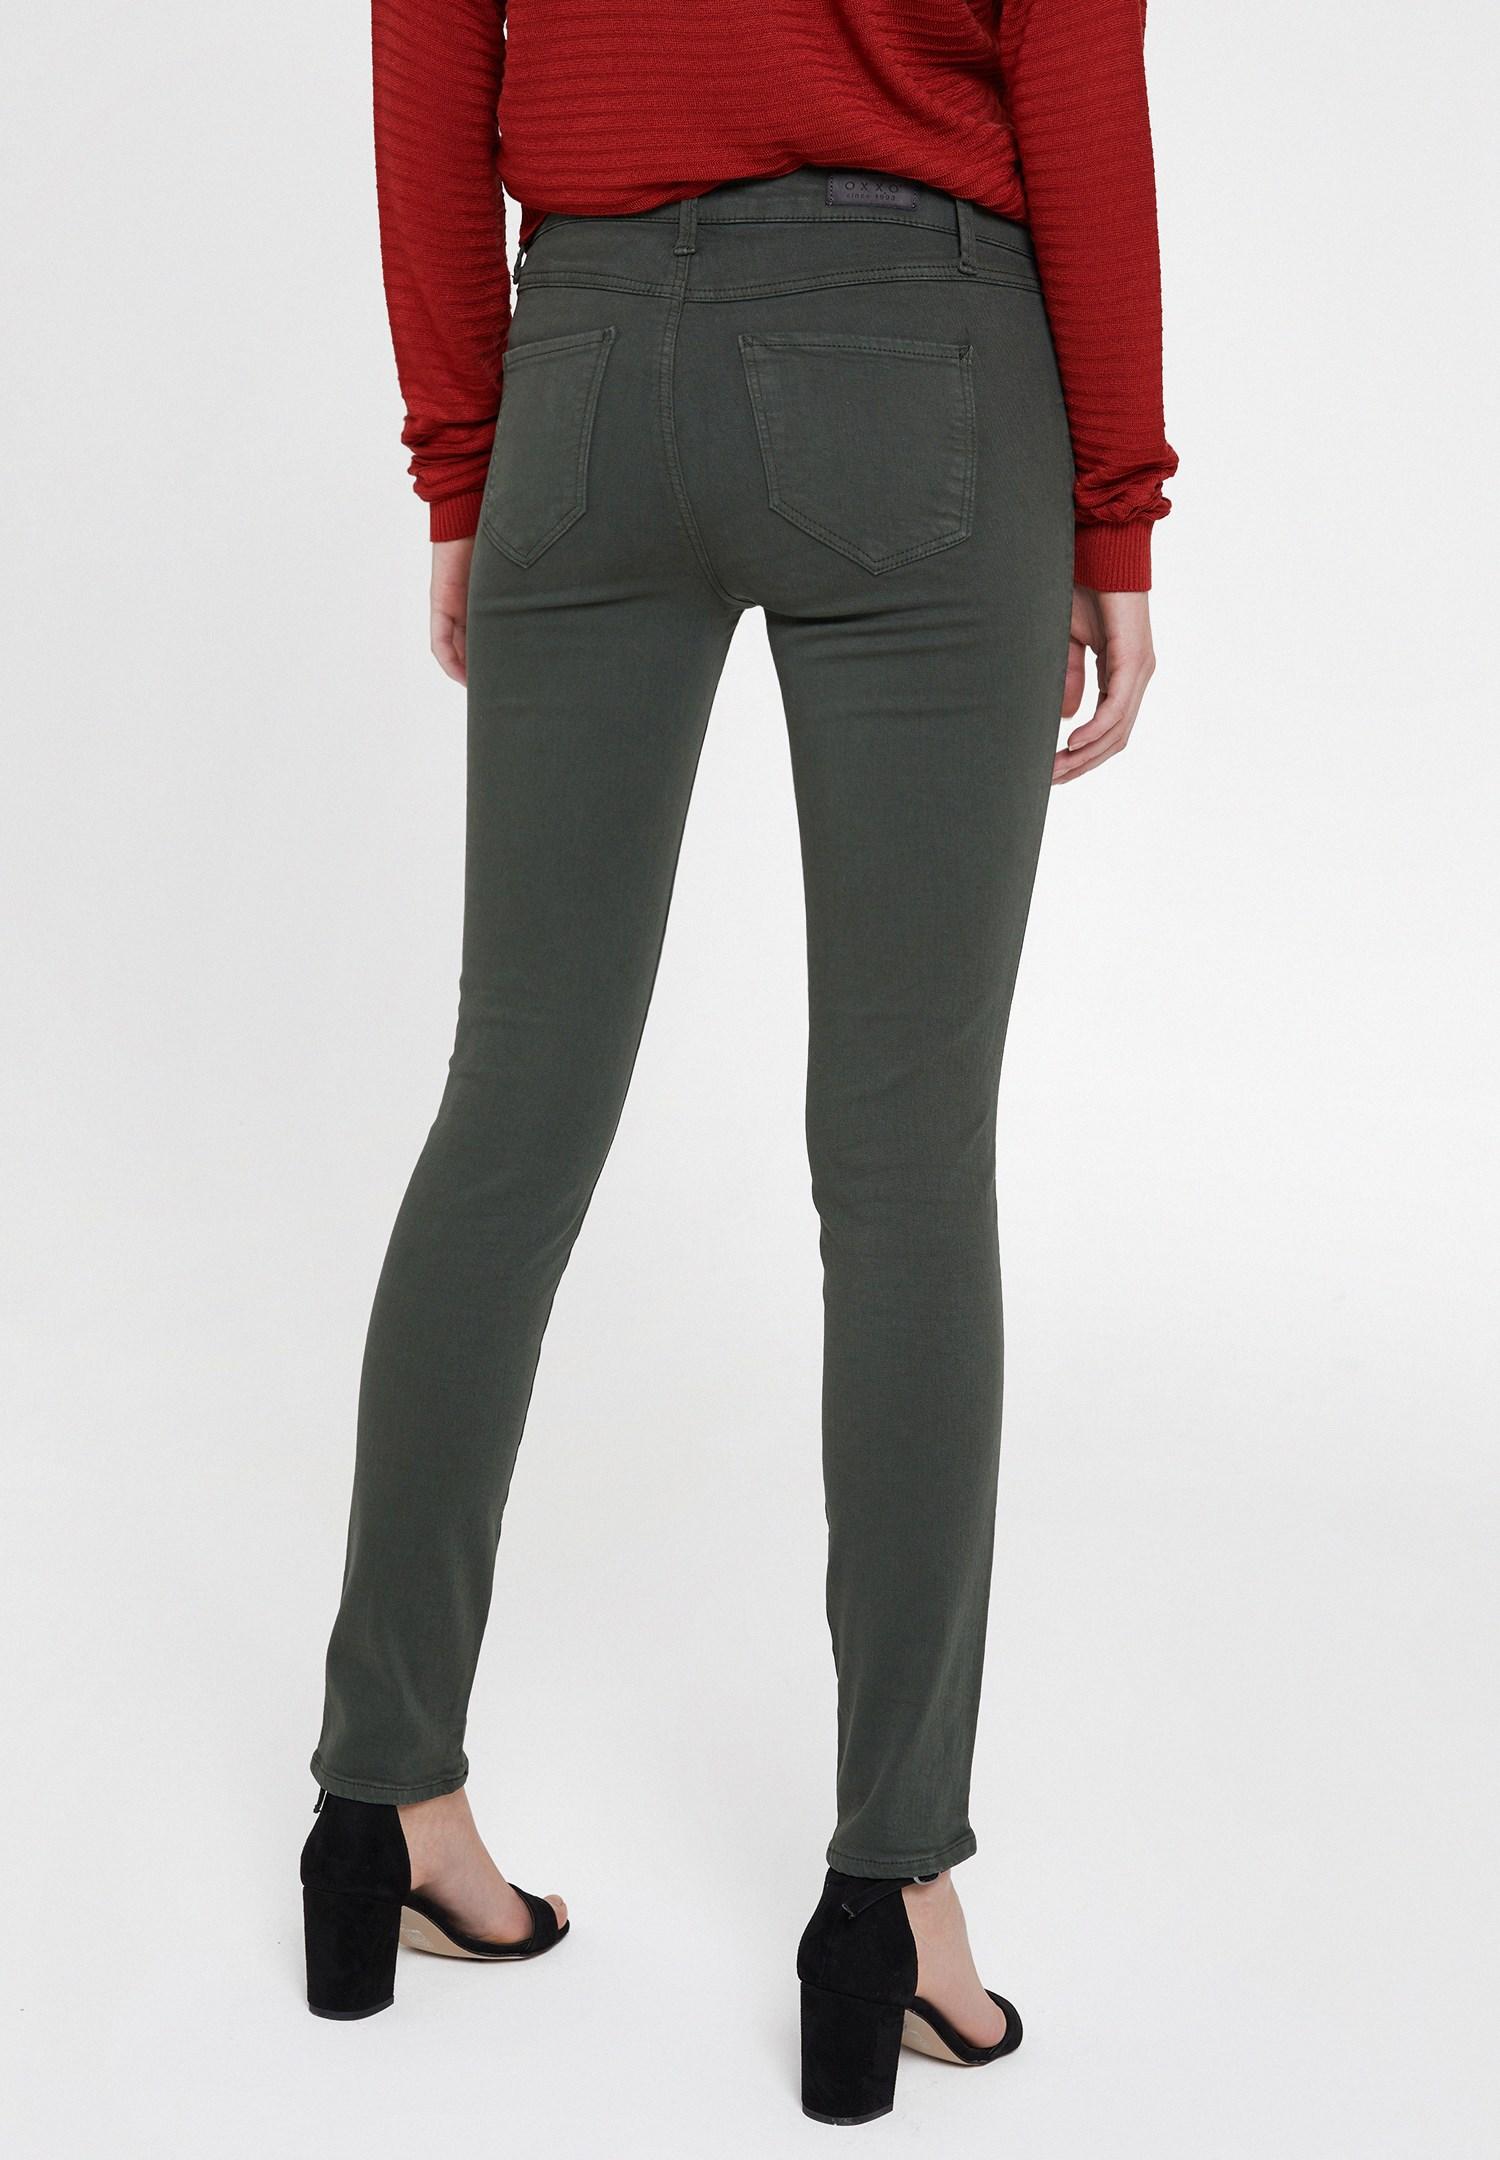 Bayan Yeşil Orta Bel Dar Paça Pamuklu Pantolon